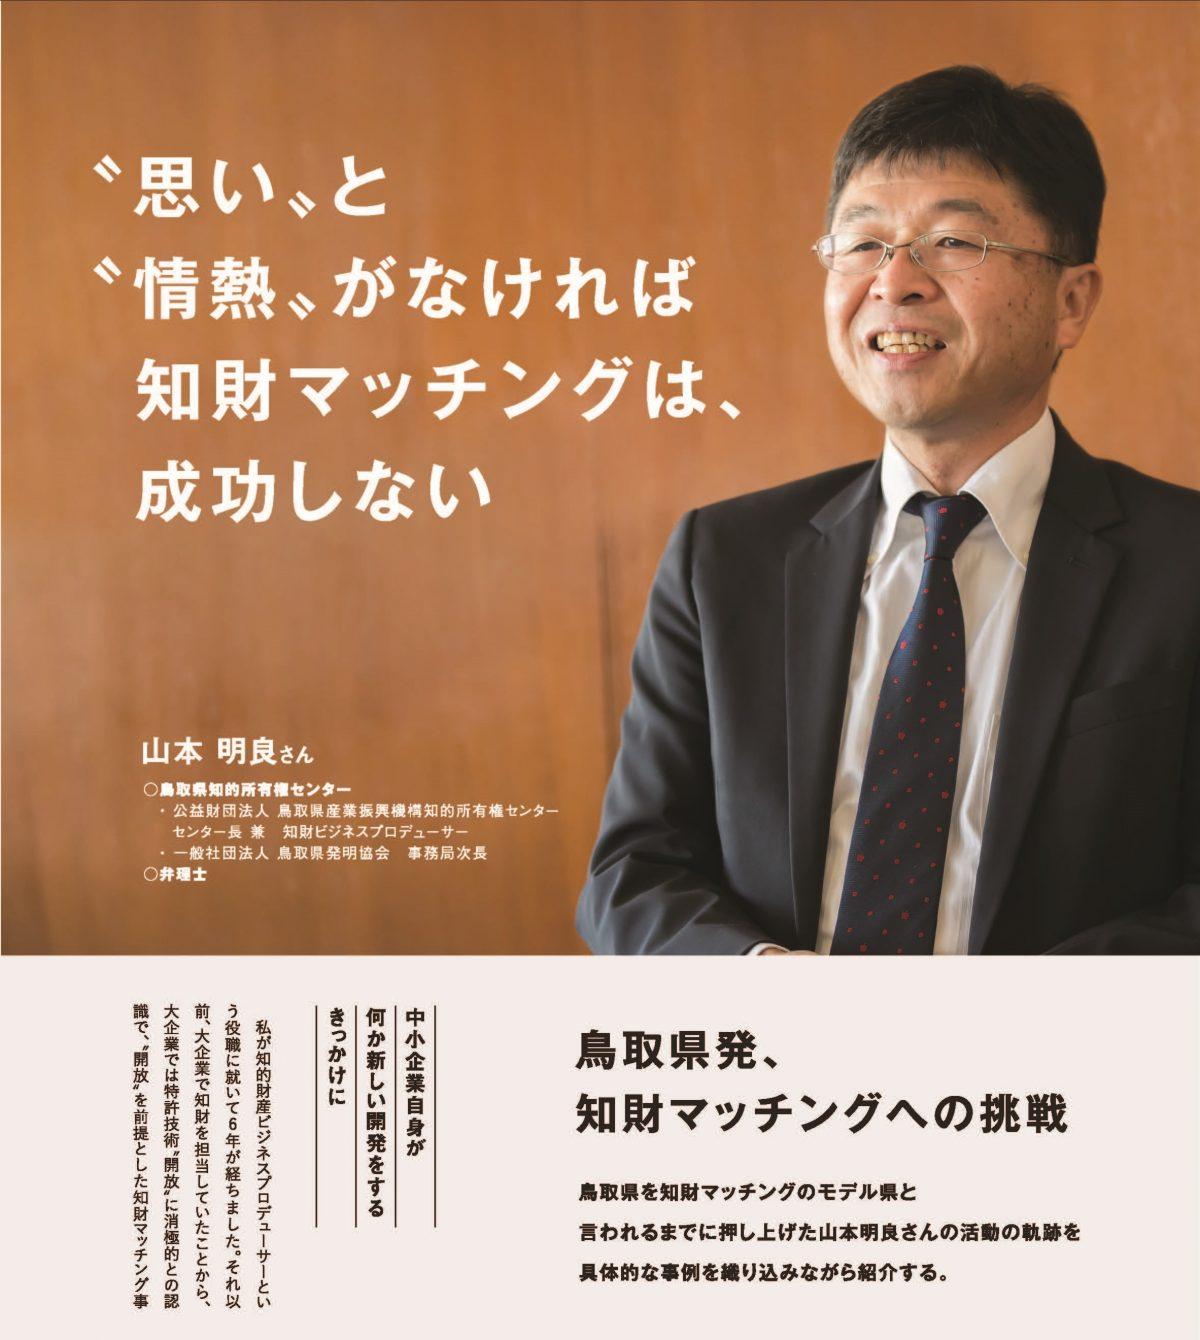 特許庁発行の知的財産活用事例集「Rights」に㈱ジーアイシー(倉吉市)さんと鳥取県知的所有権センターが掲載されました